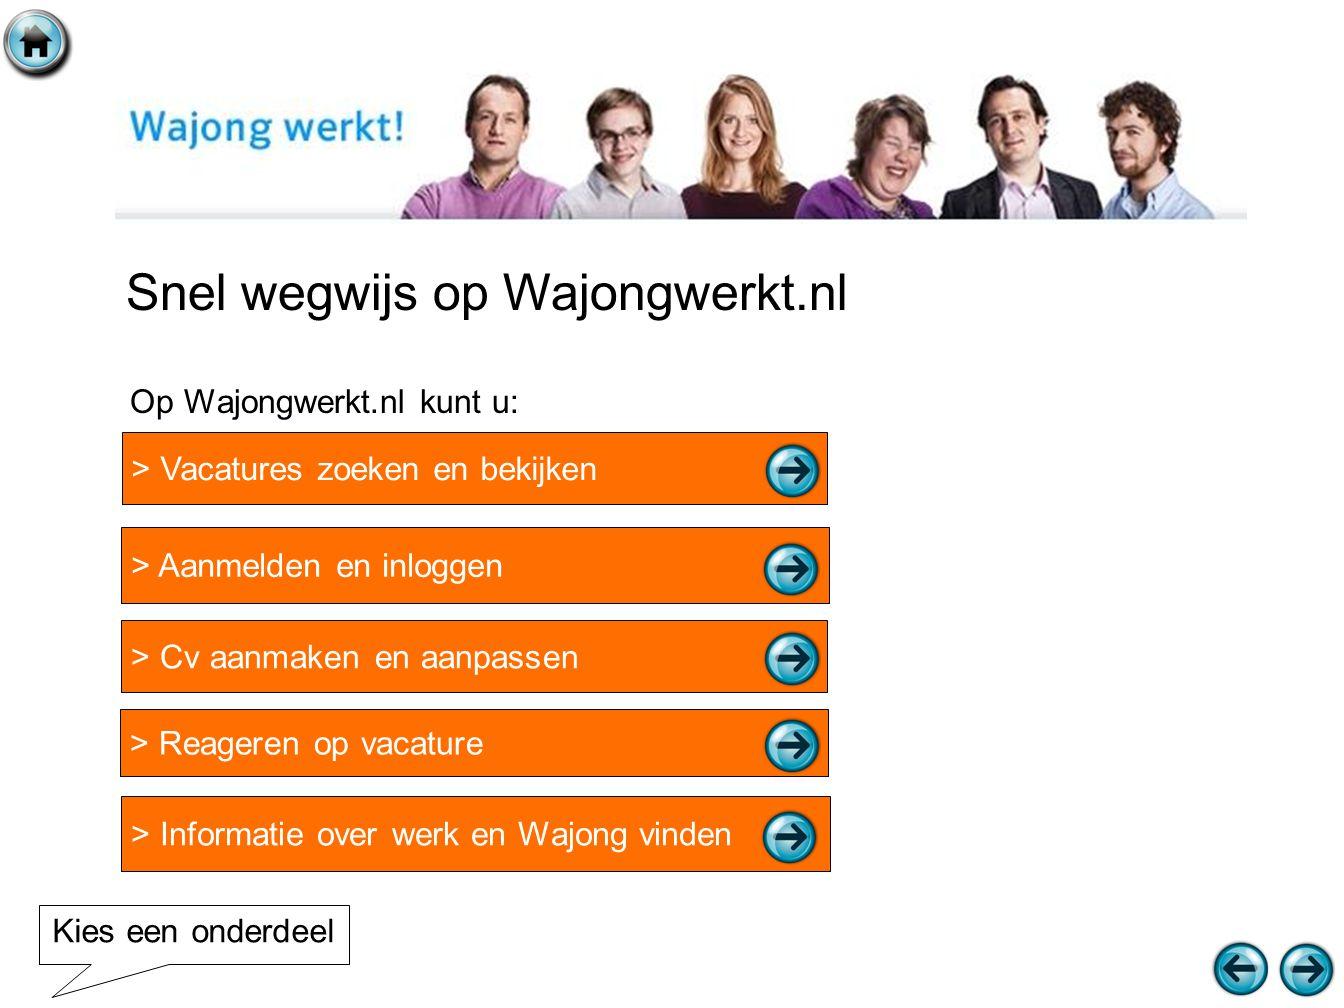 > Vacatures zoeken en bekijken www.wajongwerkt.nl Ga naar www.wajongwerkt.nl